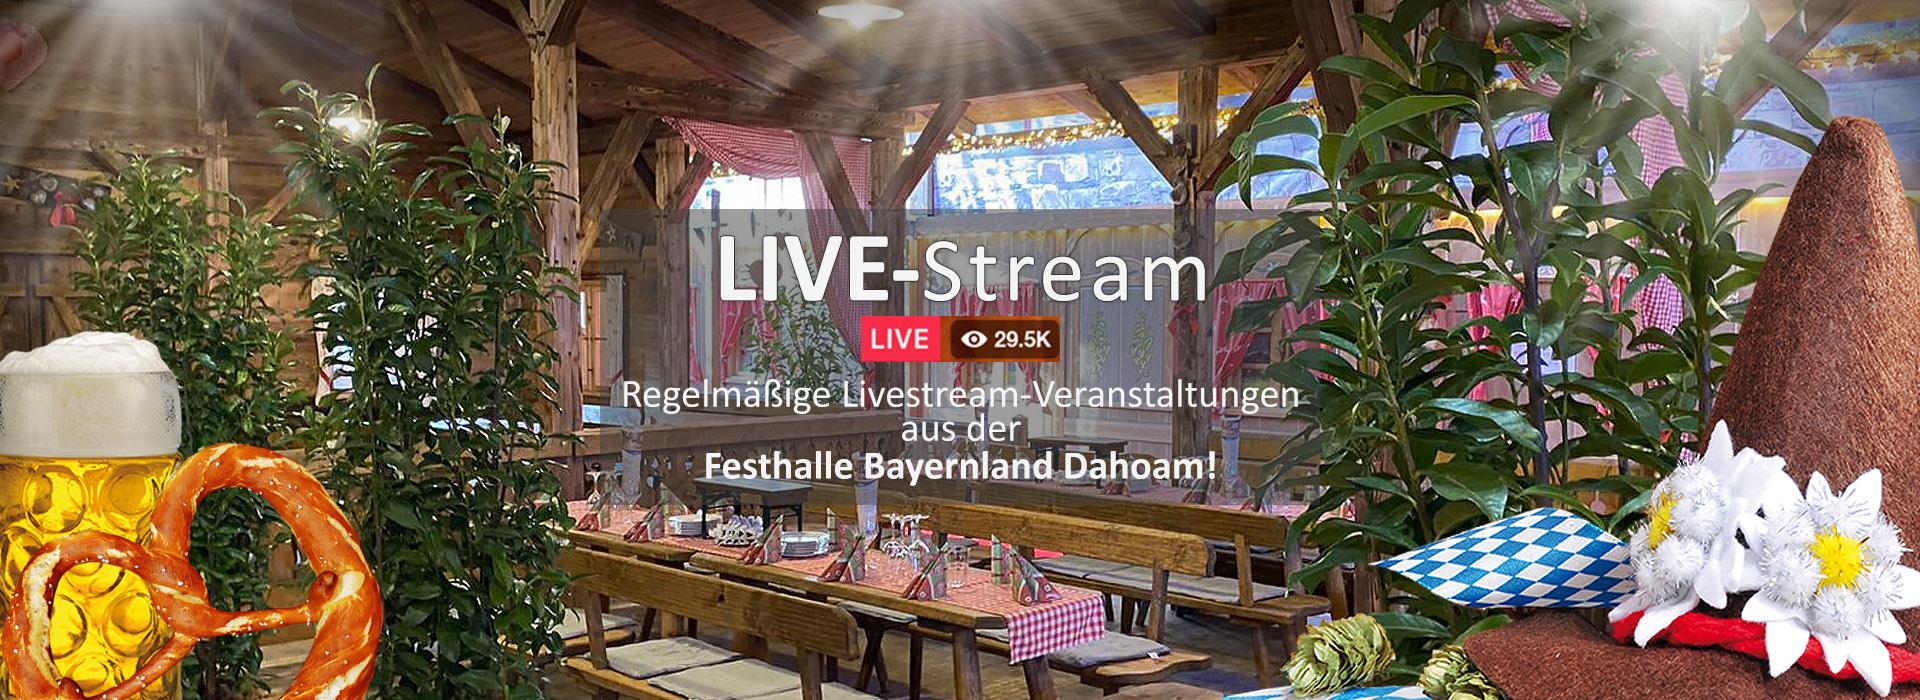 livestream_festzelt_muenchen_abensberg_festhalle-bayernland_2021_dahoam_schoeniger_volksfest_oktoberfest